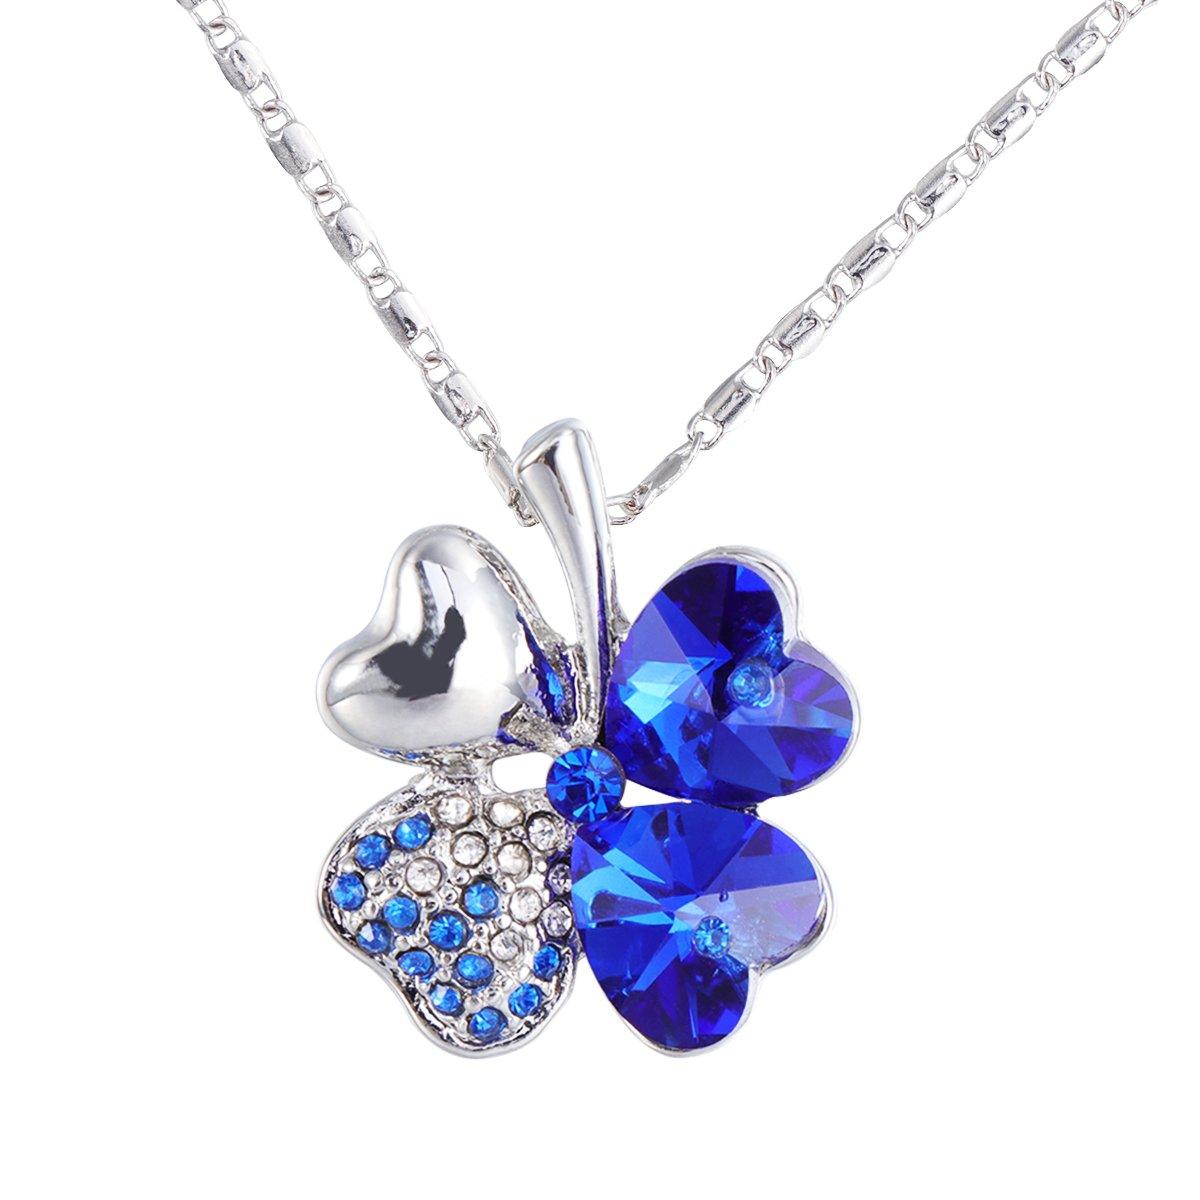 Azul Marino Collar de Cadena de pedrer/ía para el D/ía de San Patricio FENICAL Collar de tr/ébol de Cuatro Hojas con Cristales en Forma de coraz/ón